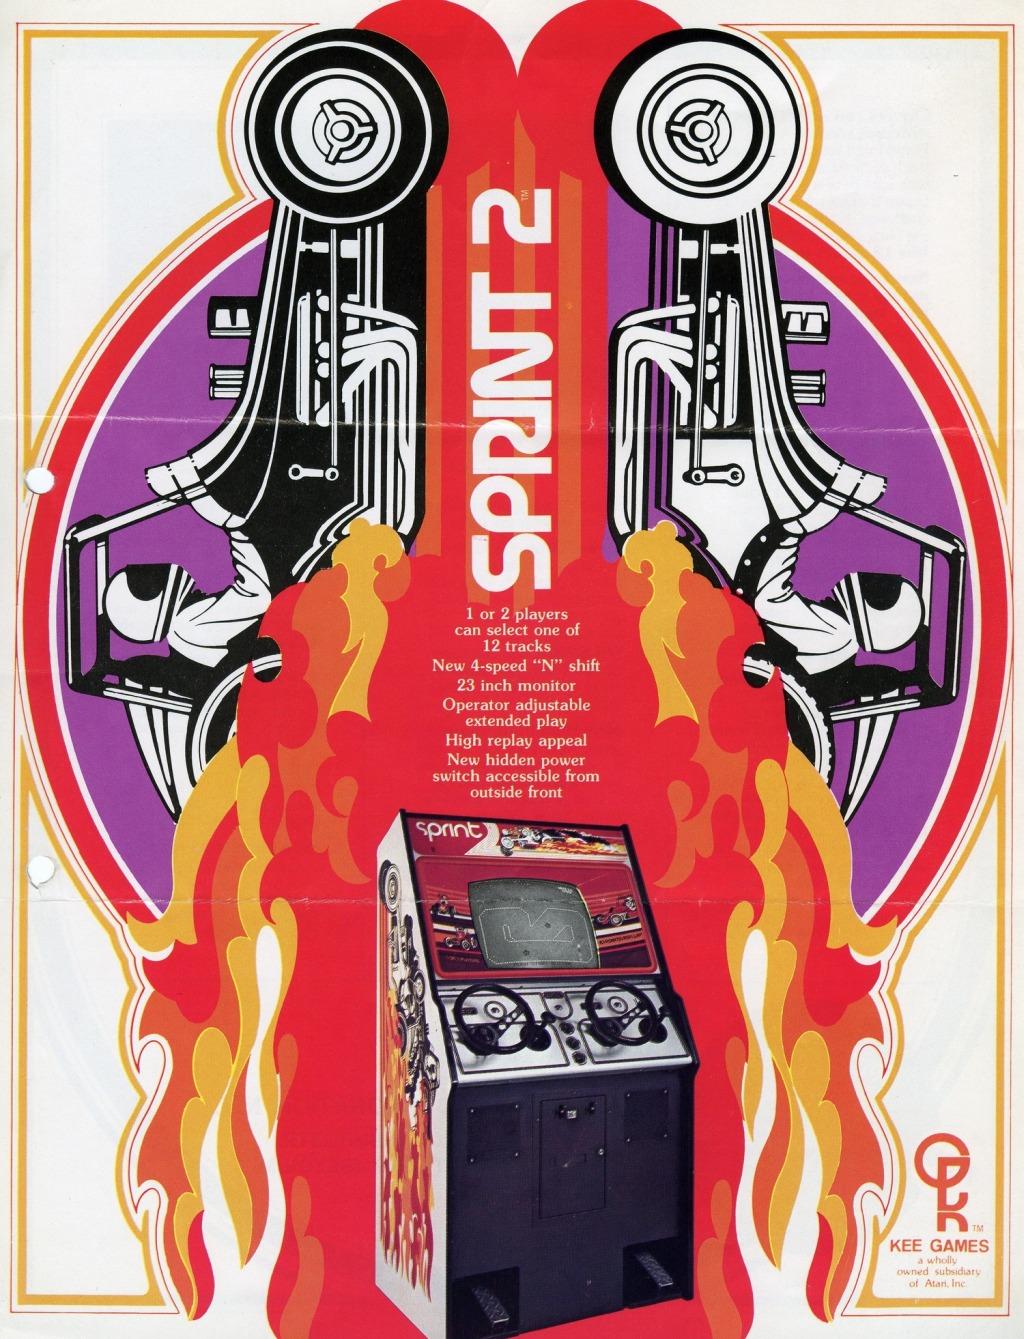 Werbung für Sprint II. (Kee Games, 1976)